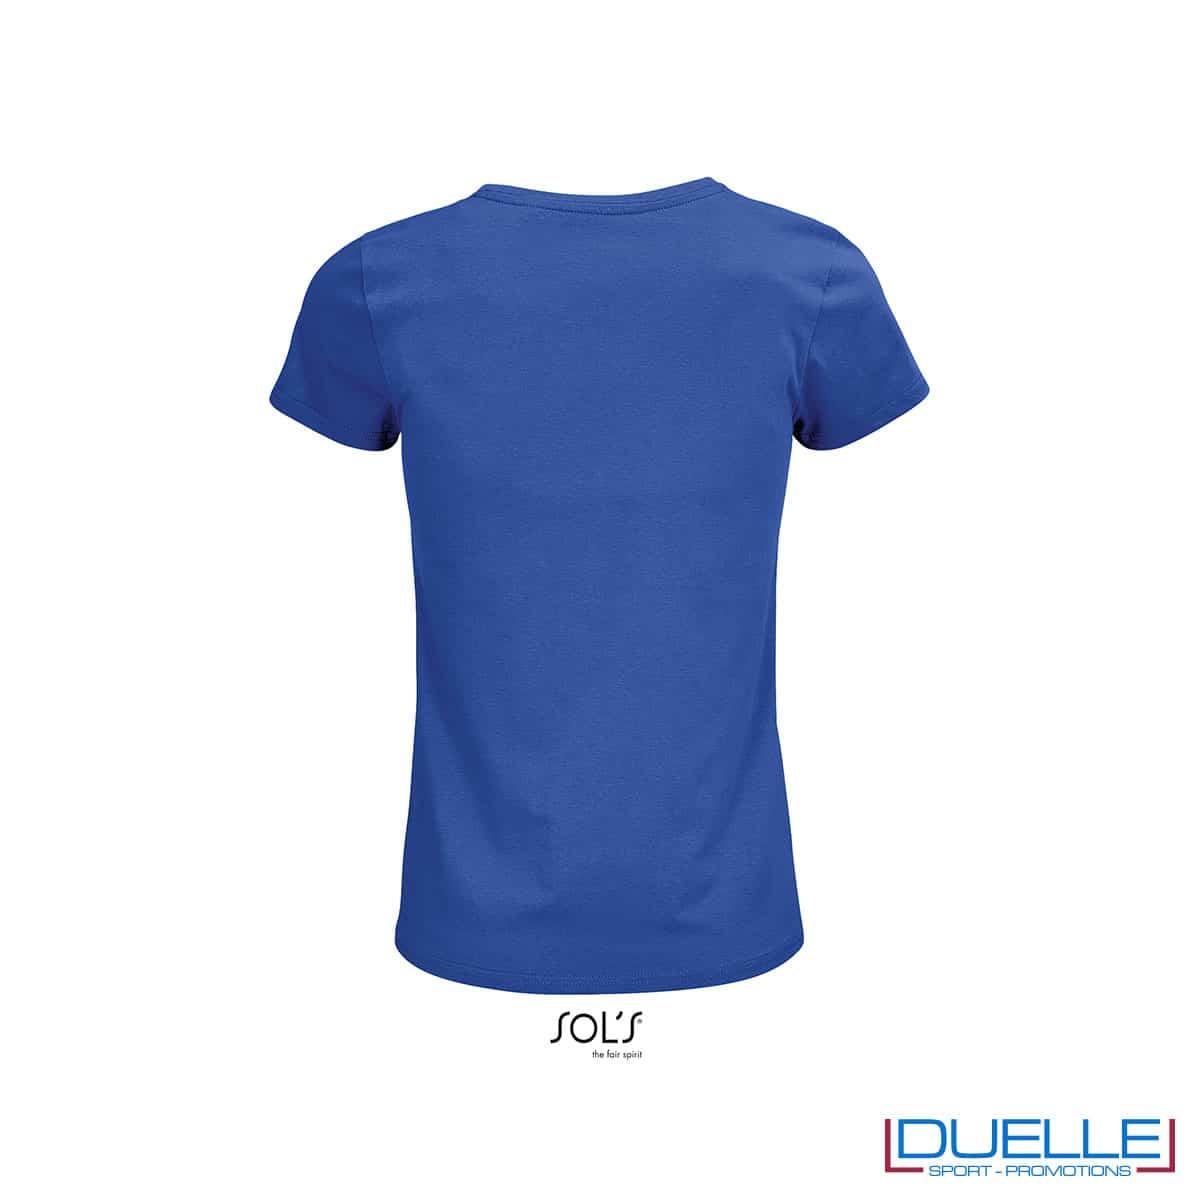 Retro maglia blu royal femminile girocollo